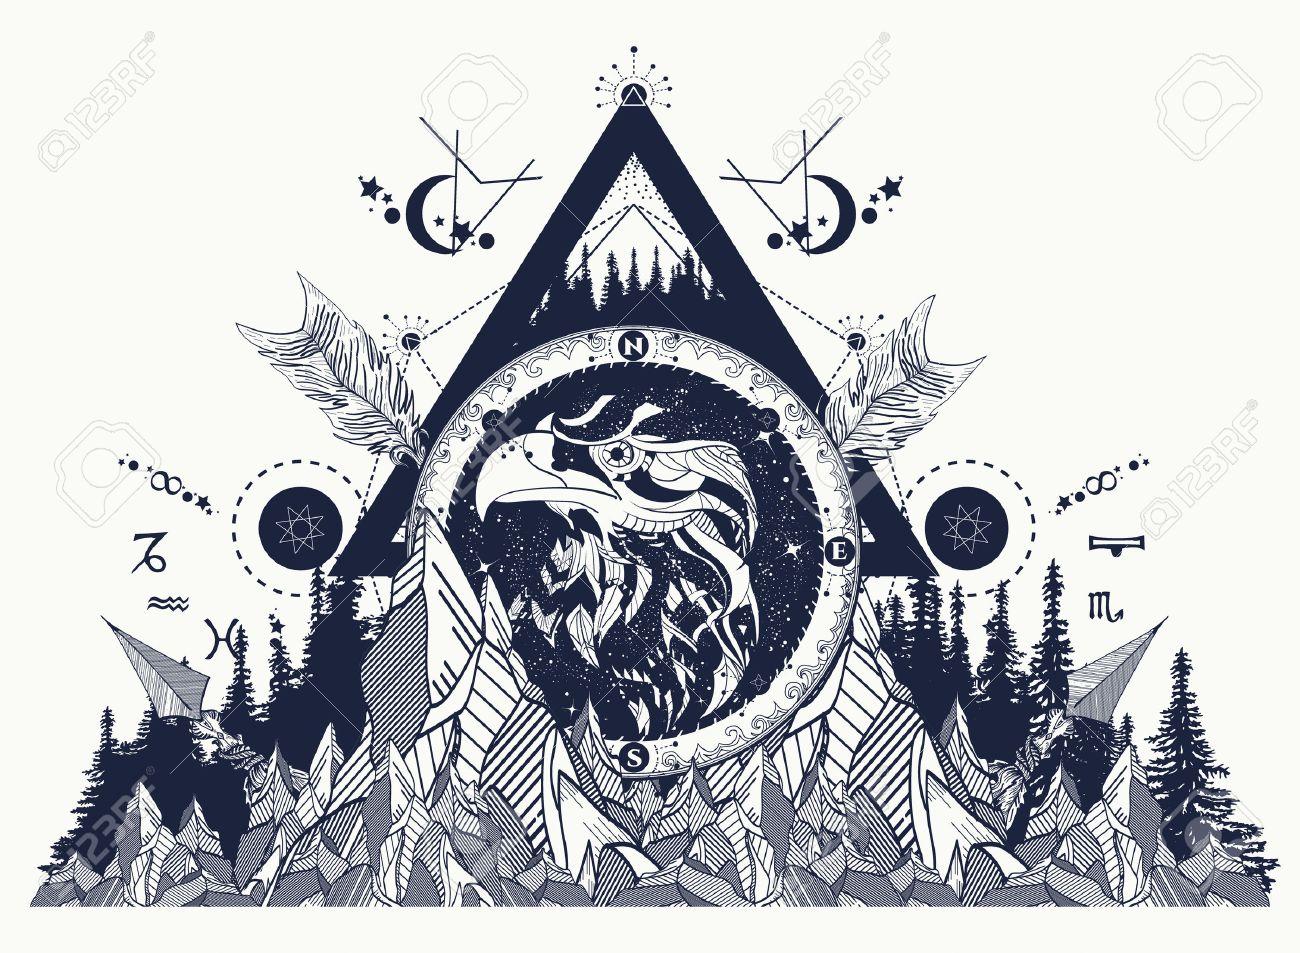 Tatuaje Aguila arte del tatuaje águila, montañas, cruzaron flechas, bosque